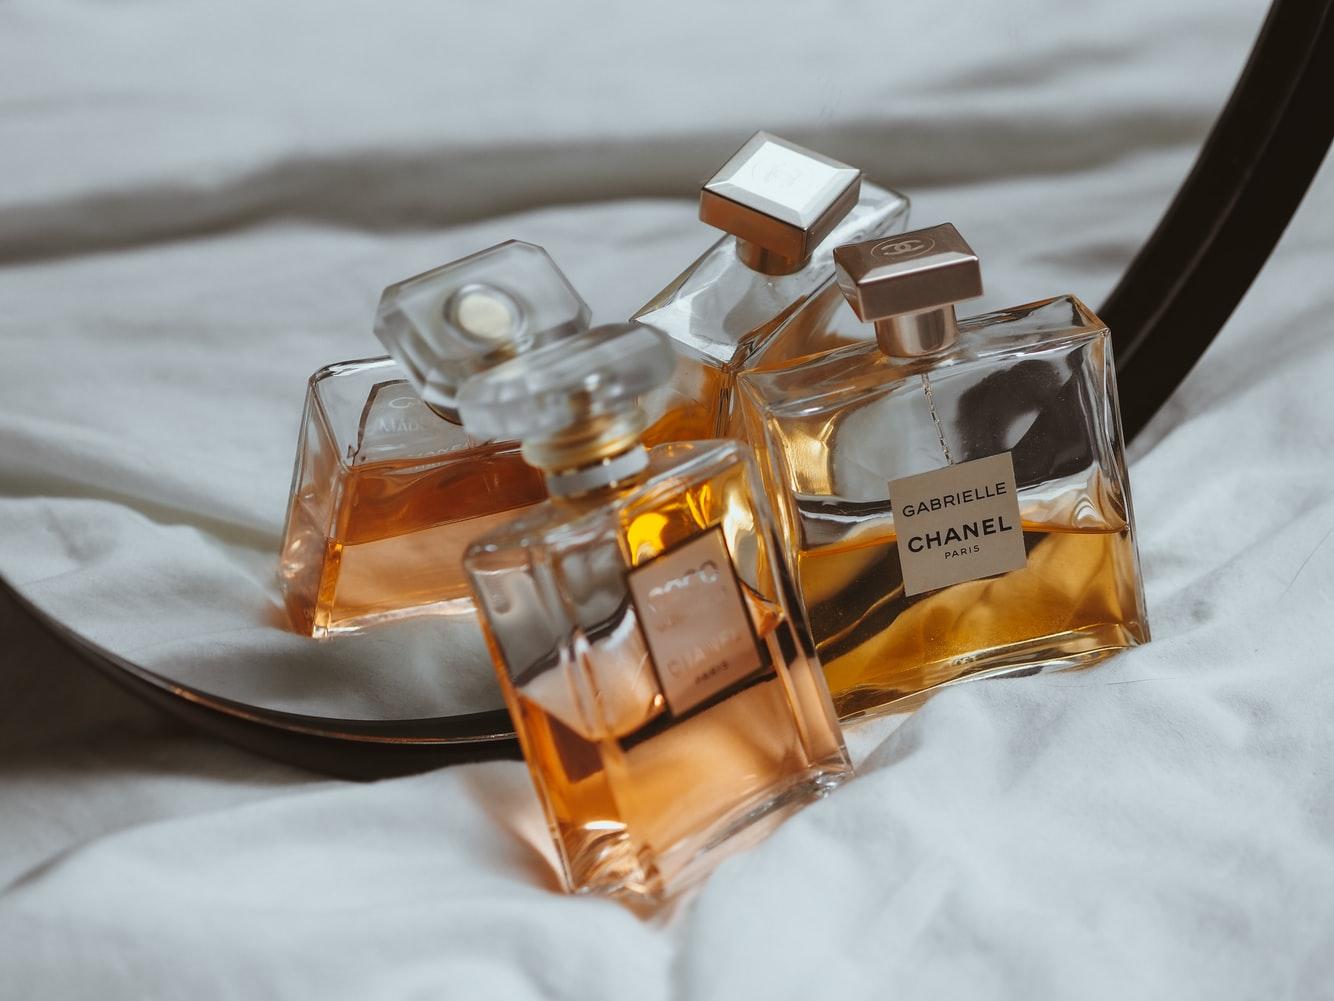 Sådan får du mere ud af dine parfumer